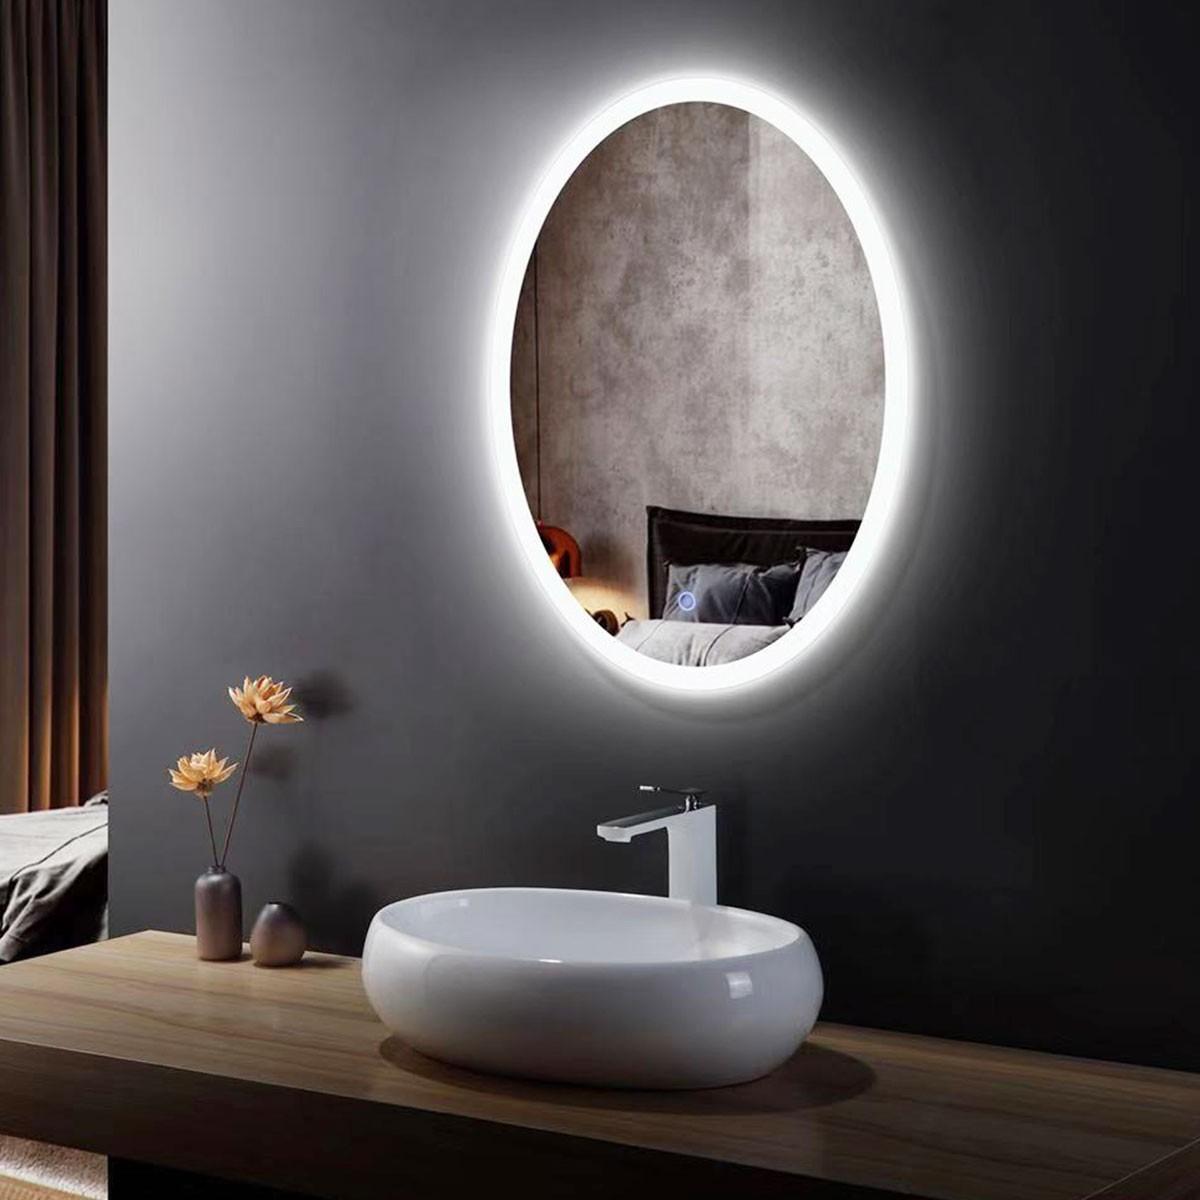 20 x 28 po miroir de salle de bain LED oval avec bouton tactile (DK-OD-CL054-H)